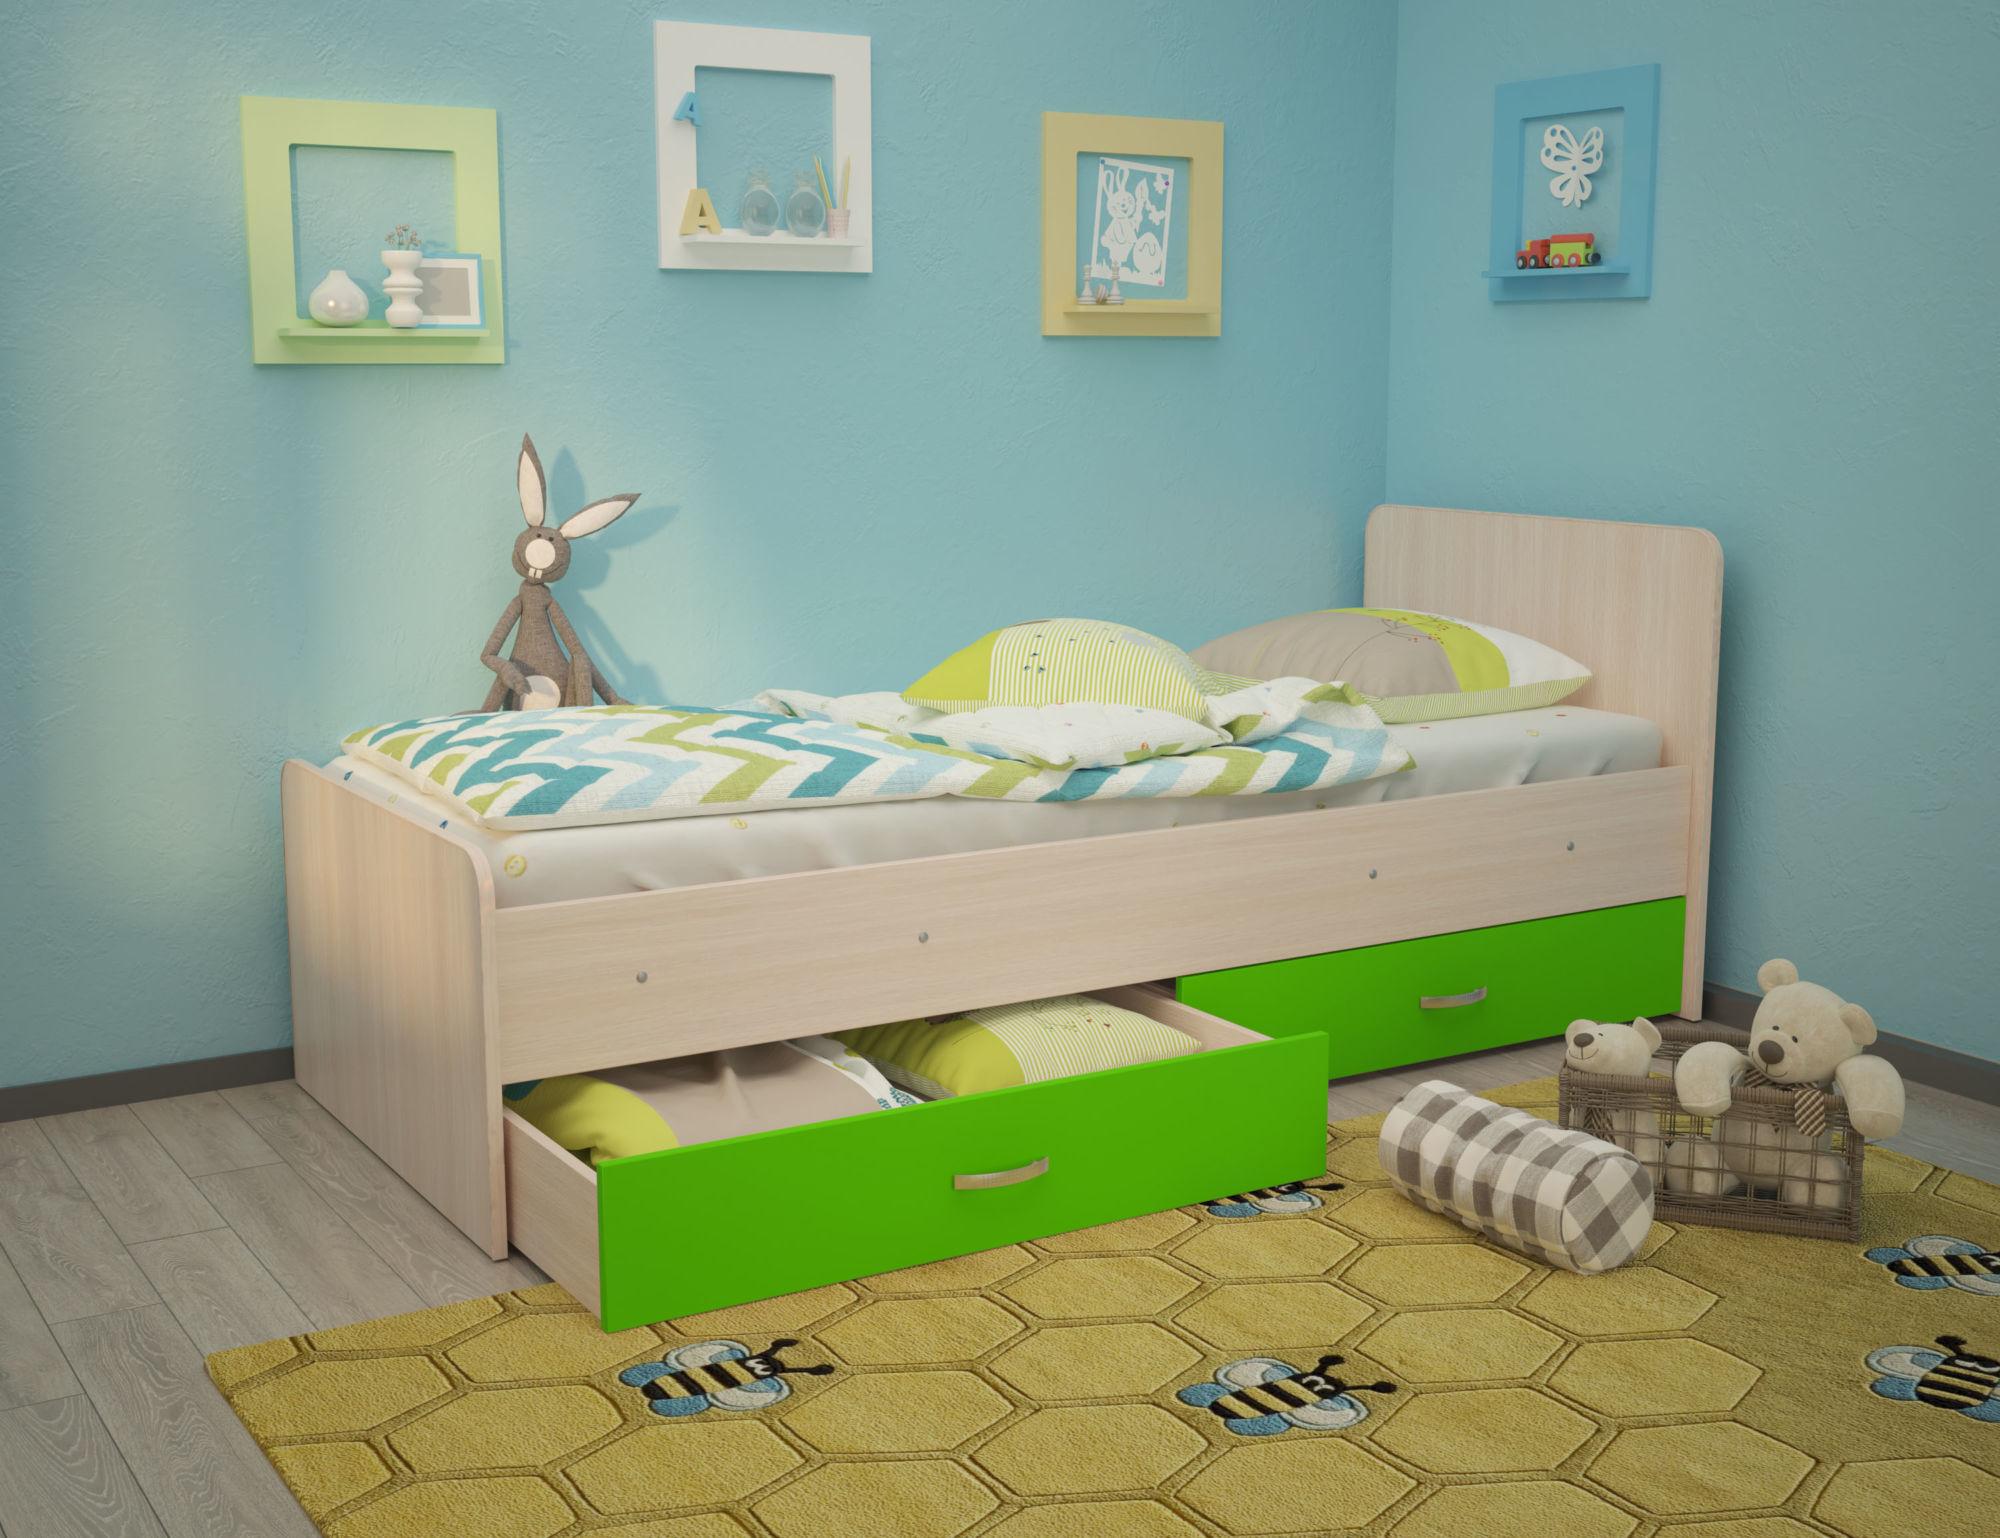 Кровать Антошка 1,90 с ящиками без бортика на щитах